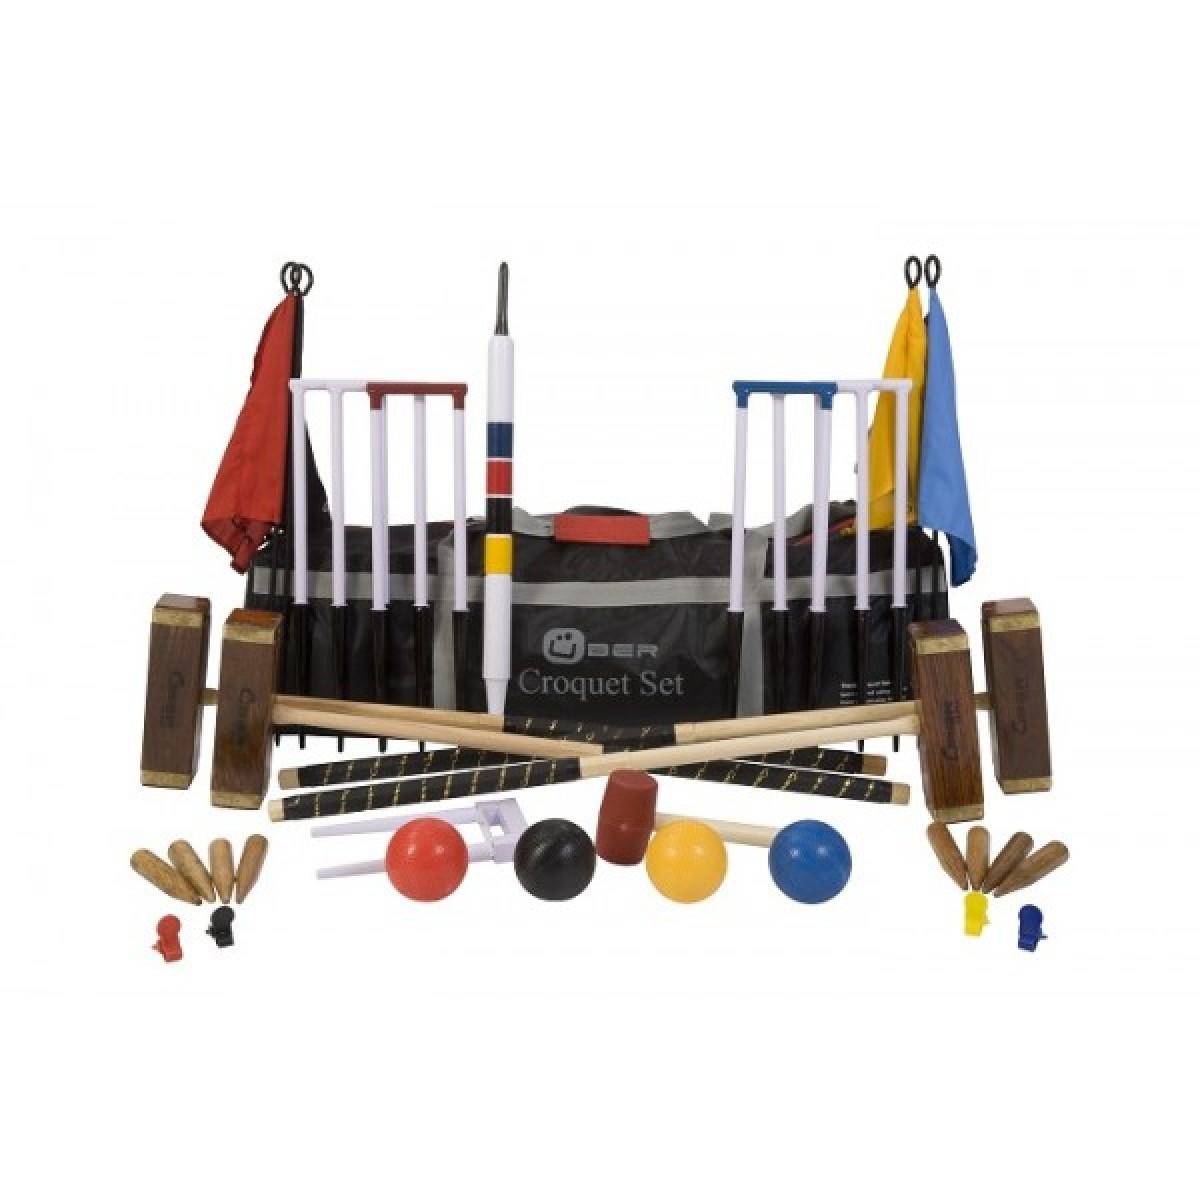 championship croquet set von bergames beim holzspielzeug profi. Black Bedroom Furniture Sets. Home Design Ideas